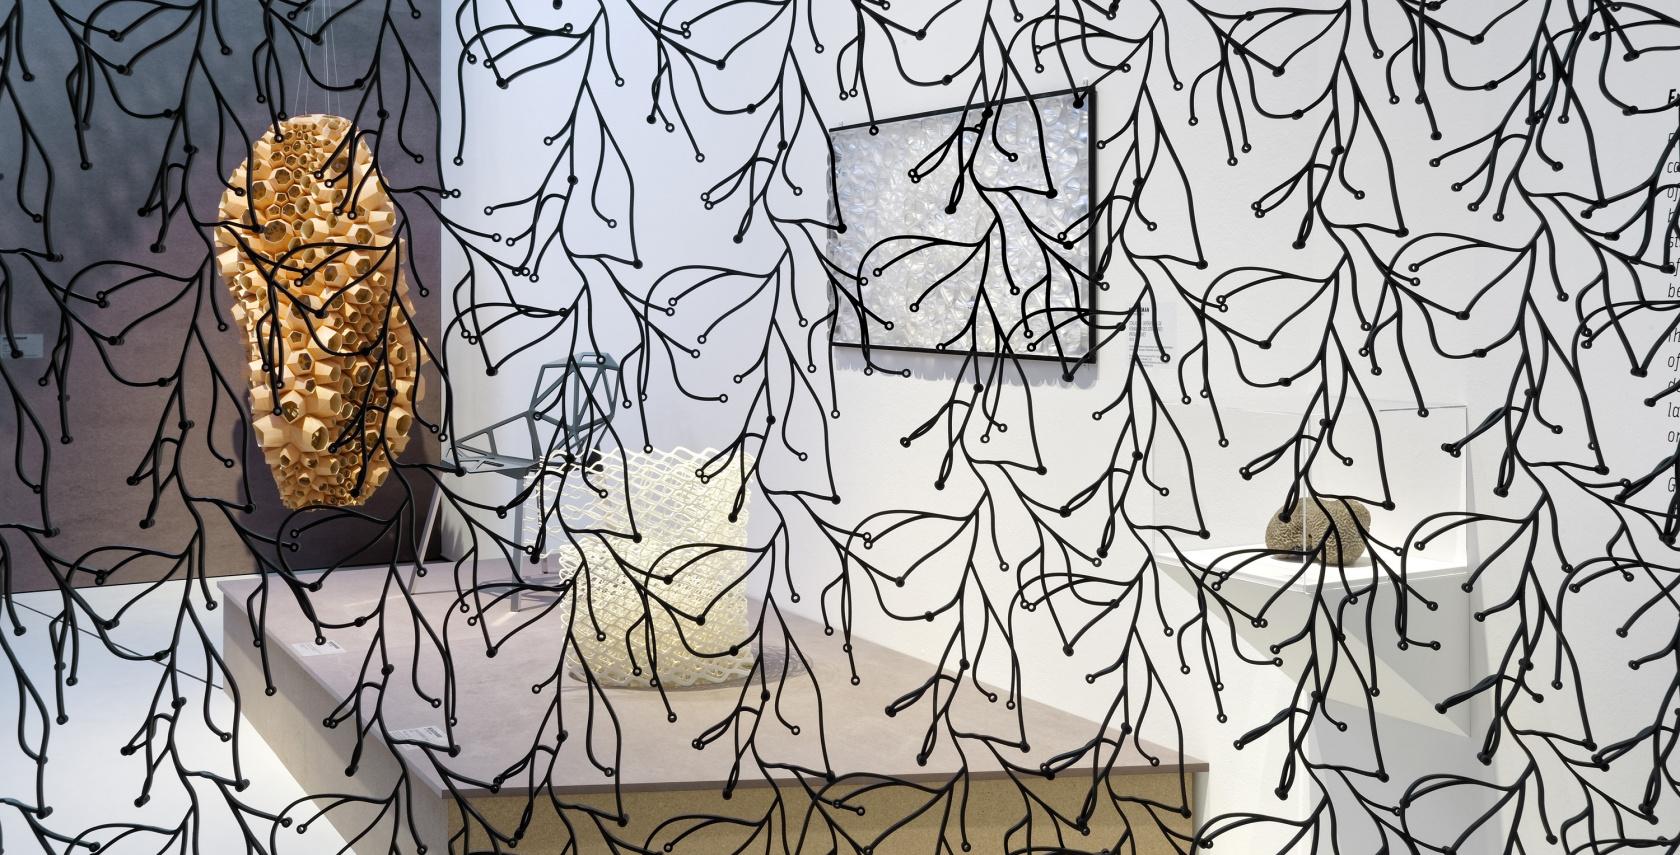 accueil | mamc, musée d'art moderne et contemporain, saint-Étienne